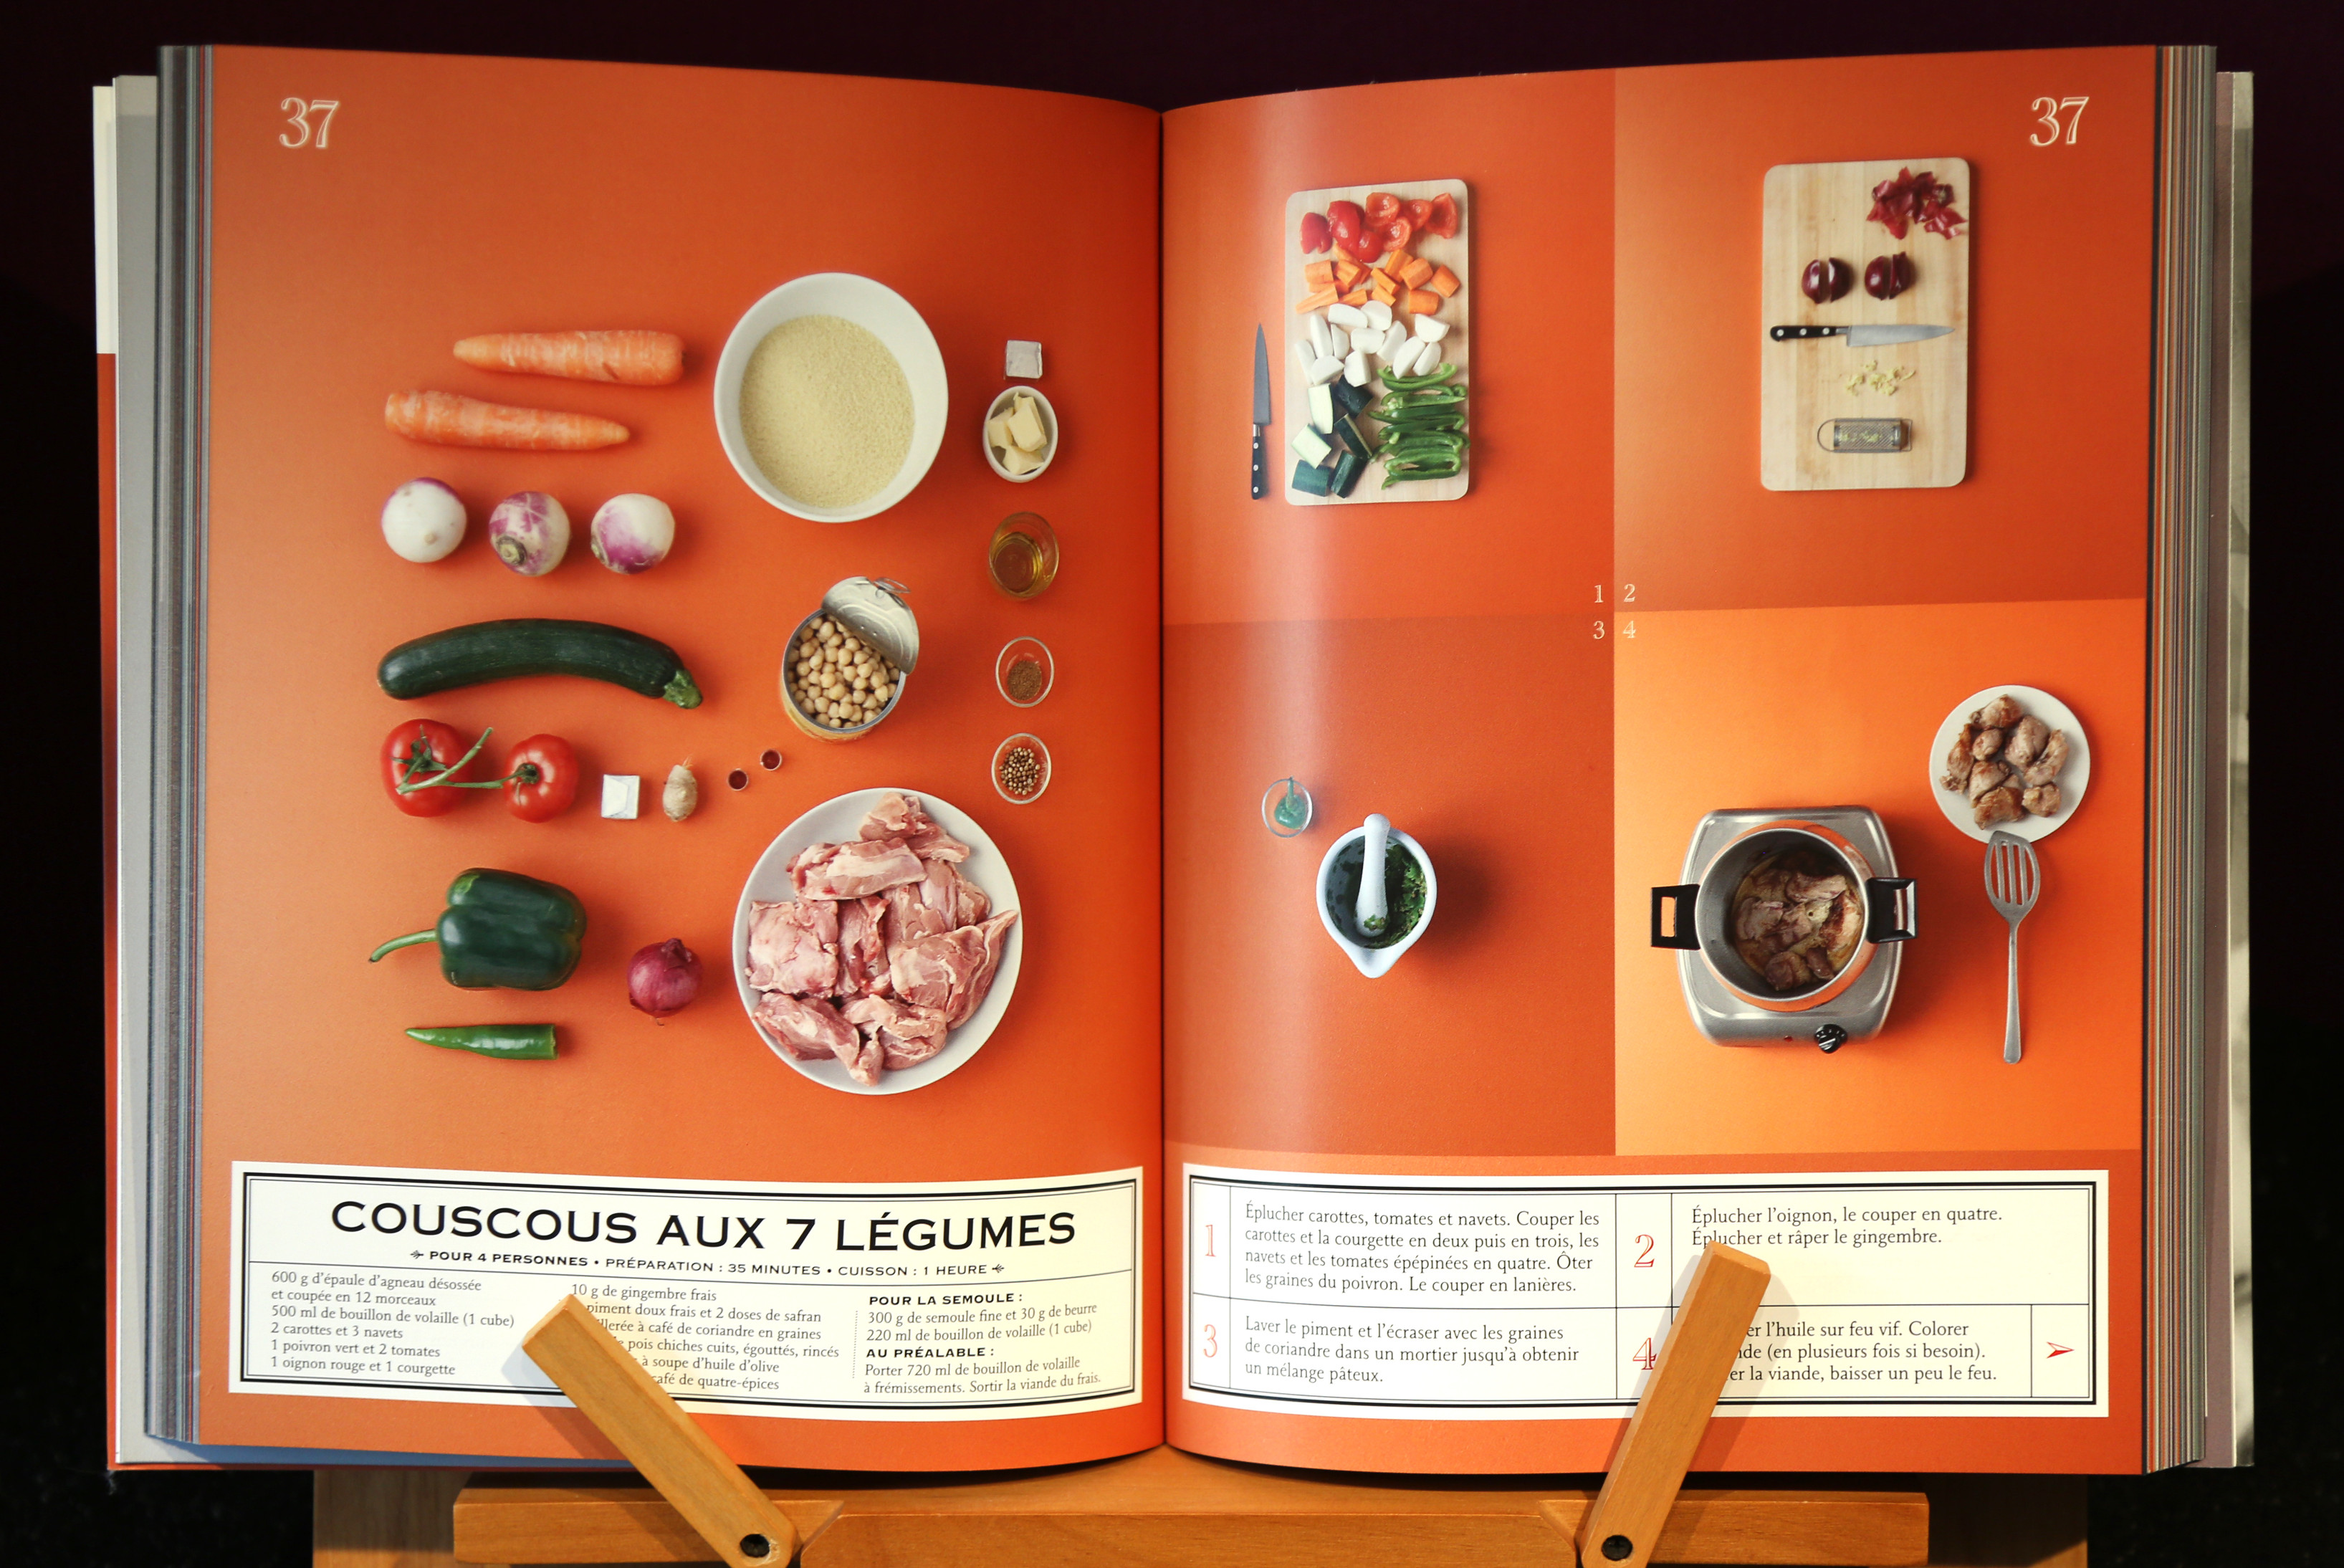 Biblioth que les gourmantissimes - Mon cours de cuisine marabout ...